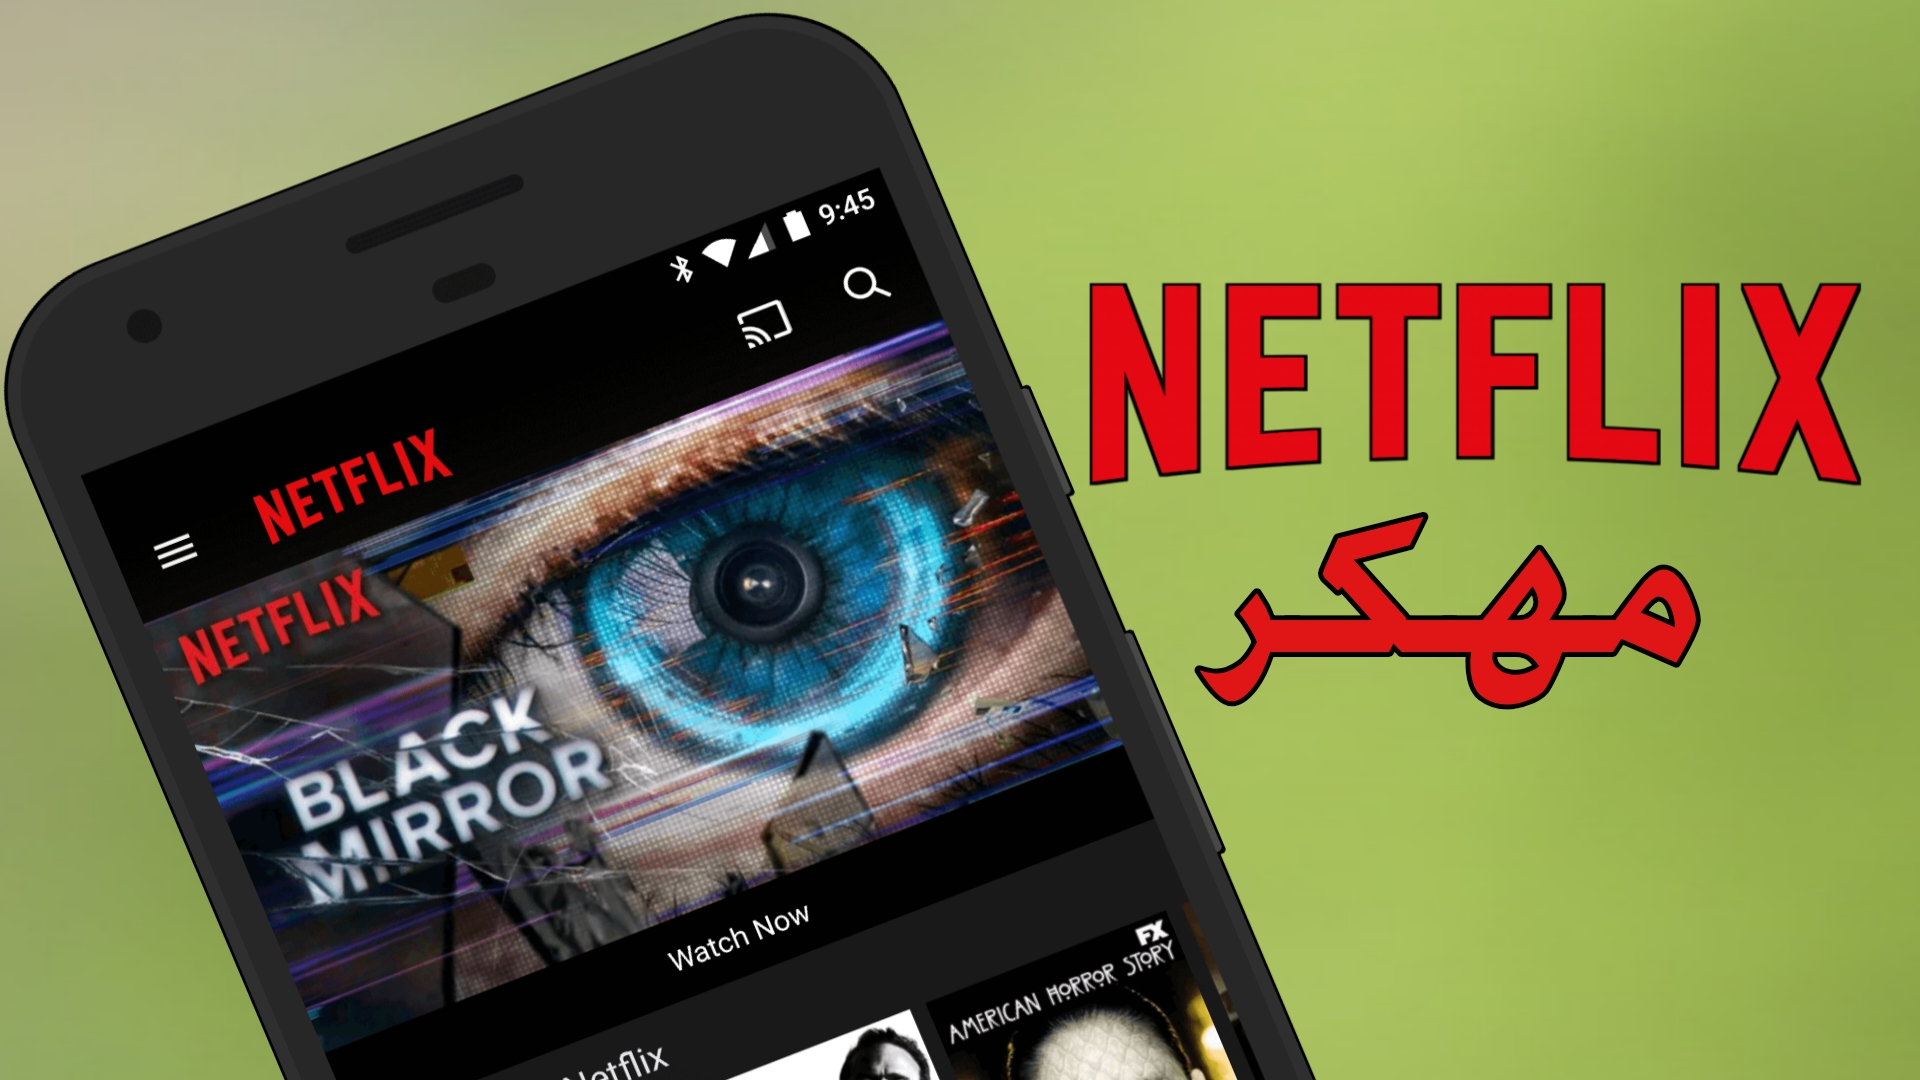 حمل تطبيق Netflix مهكر لمشاهدة الأفلام الأجنبية والمسلسلات مجاناً